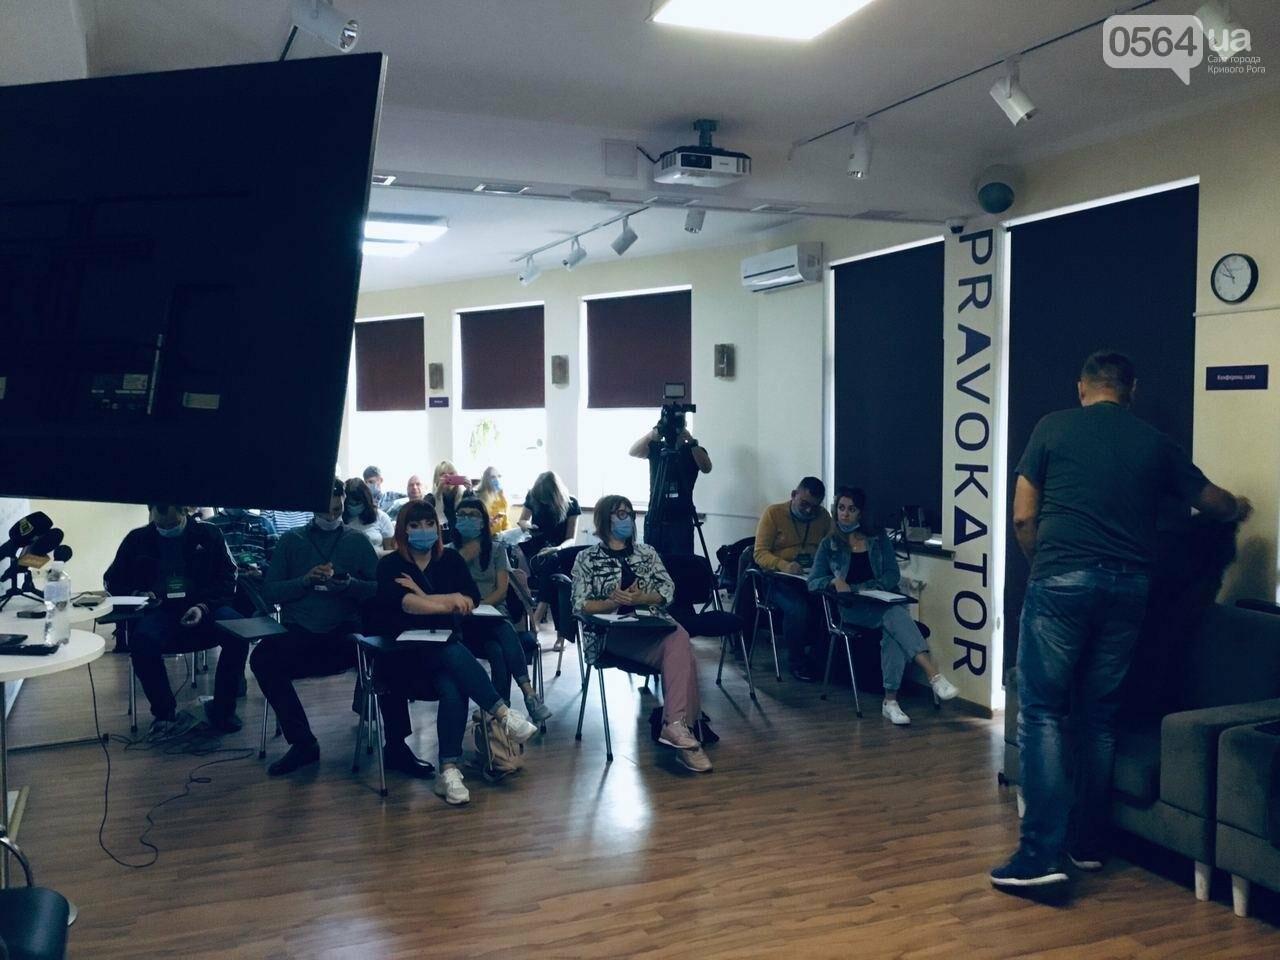 """""""История имеет значение"""": журналистов во Львове учили, как освещать предоставление бесплатной правовой помощи, - ФОТО, ВИДЕО, фото-10"""